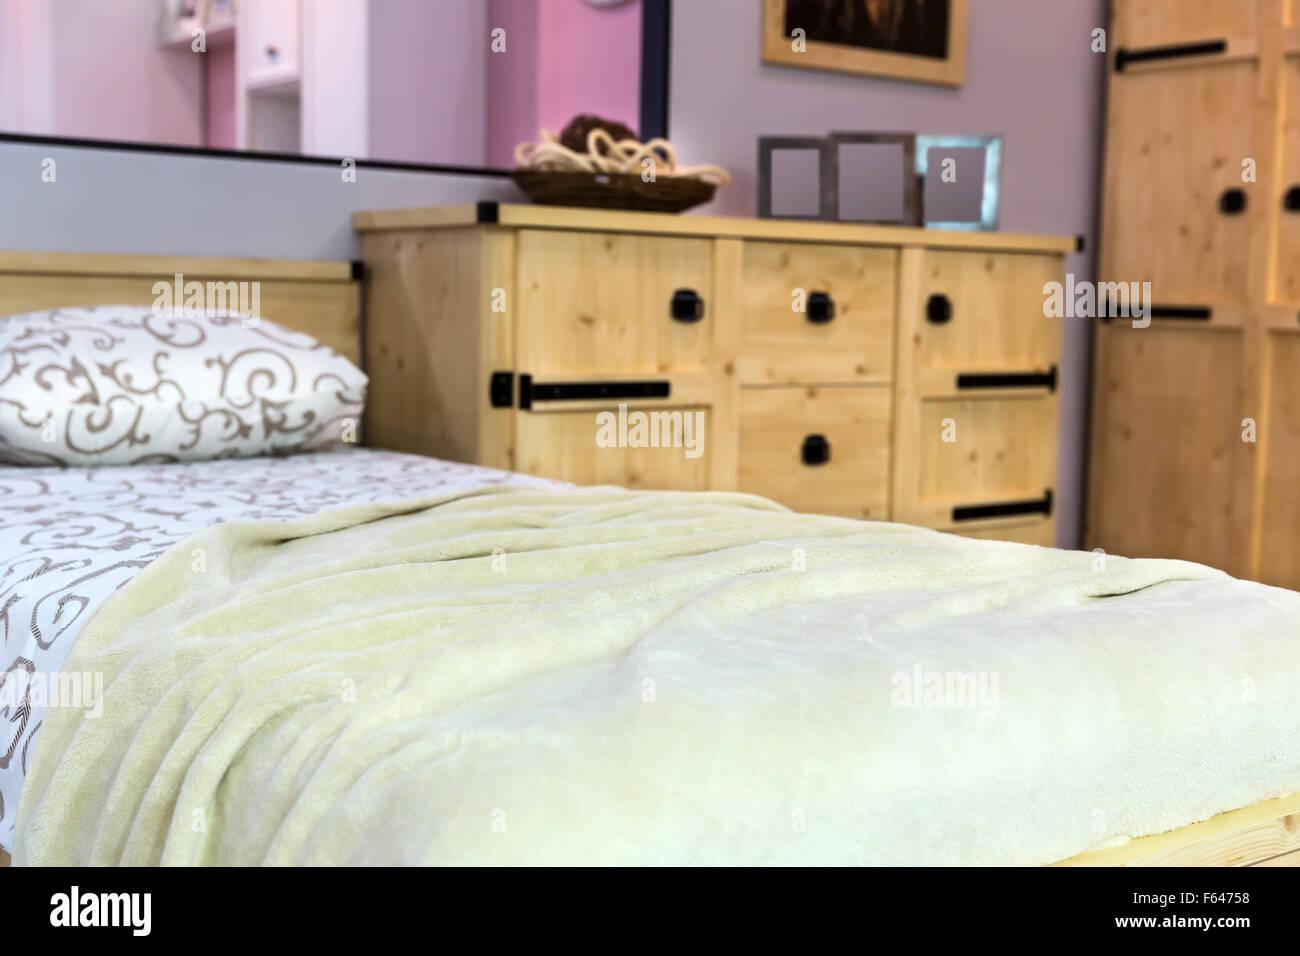 Moderne Schlafzimmer Einrichtung Mit Holzmobeln Stockfoto Bild